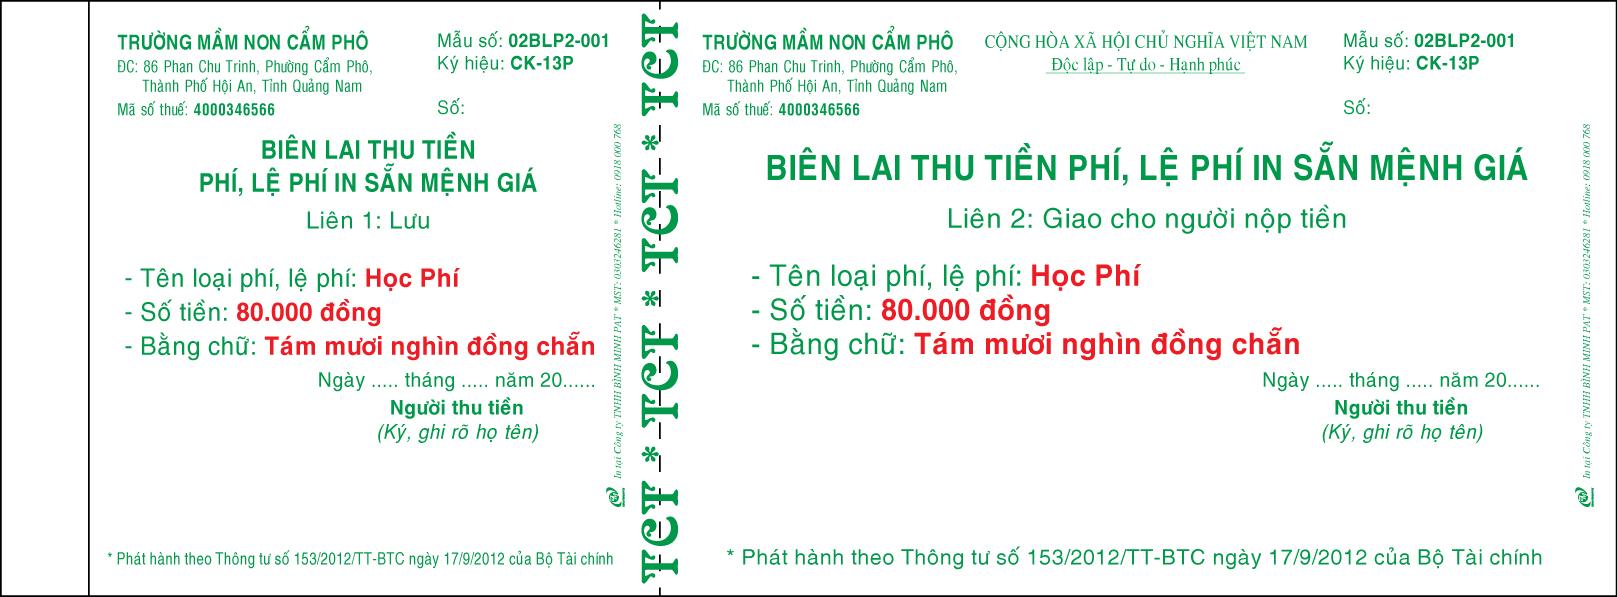 In Biên lai thu học phí tại Biên Hòa